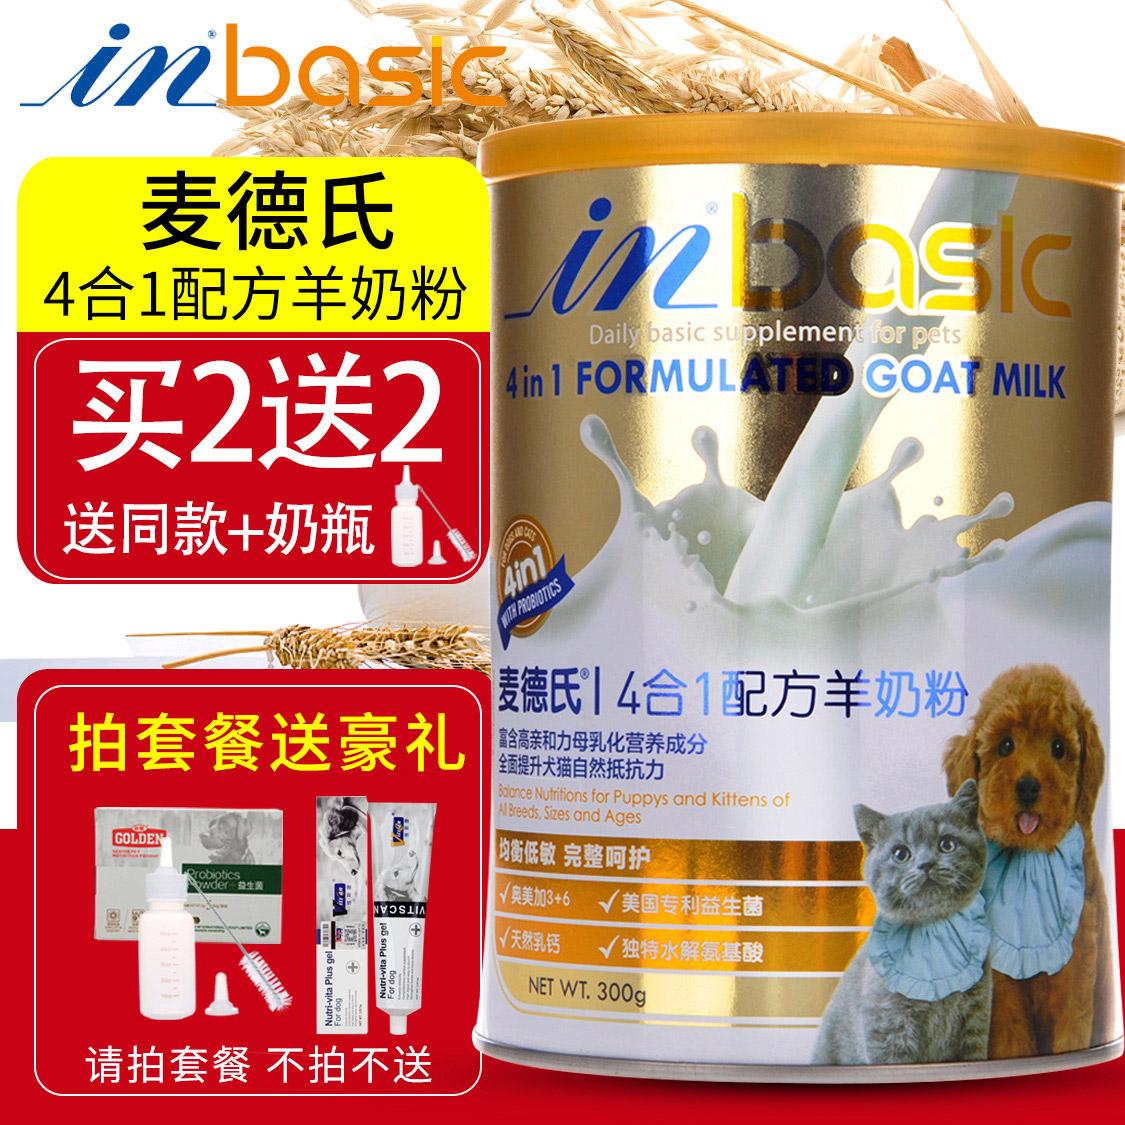 麦德氏羊奶粉宠物幼犬成狗狗新生金毛猫咪专用泰迪通用补钙保健品